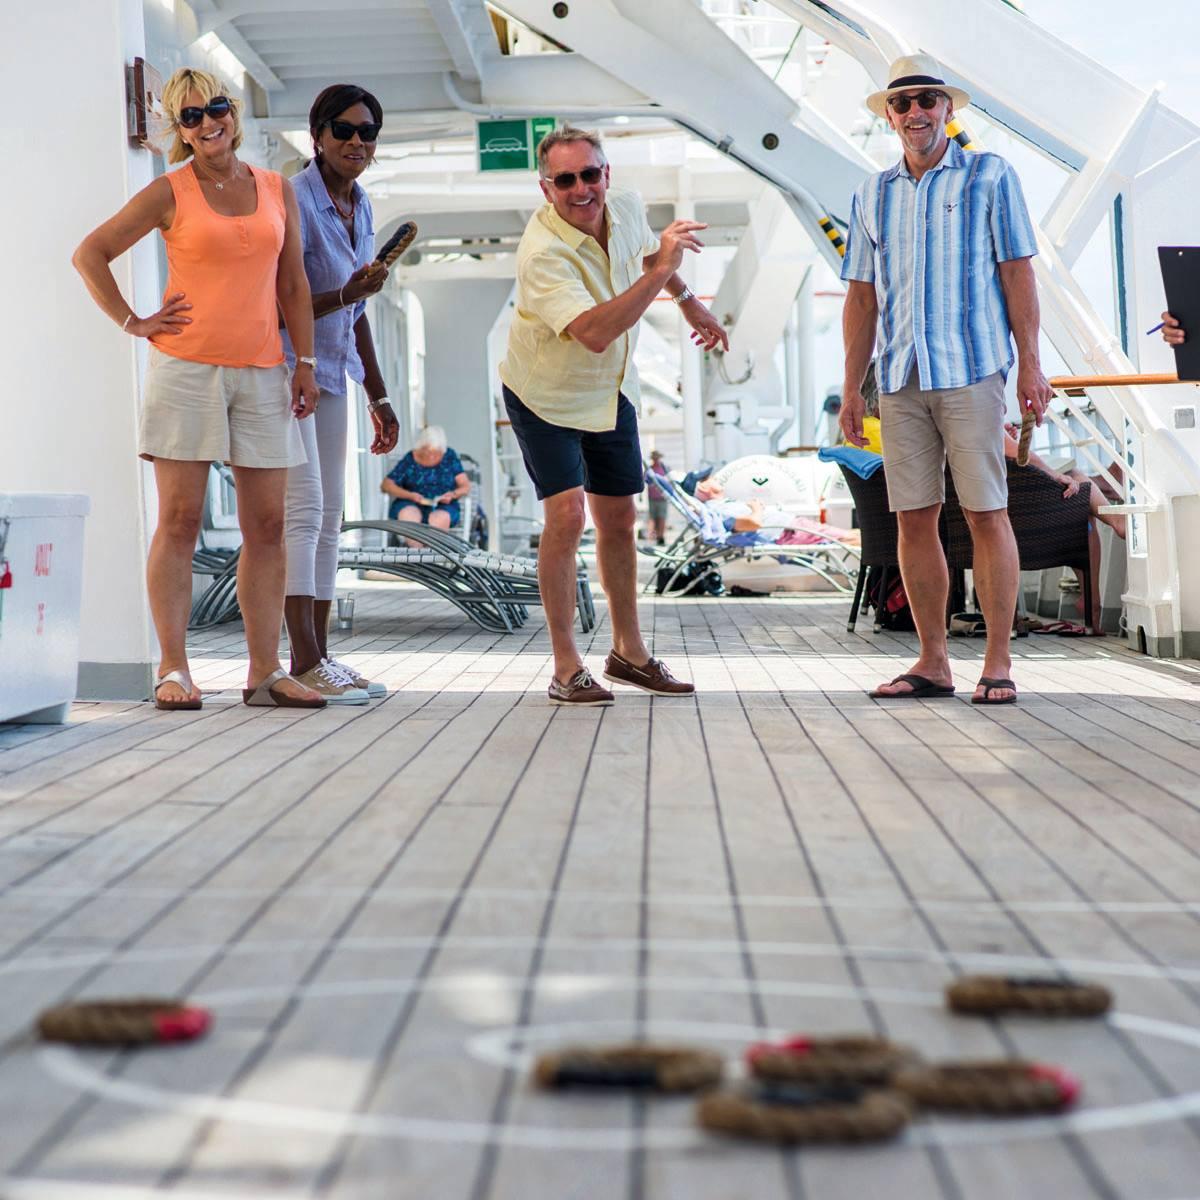 Deck Games Fred Olsen